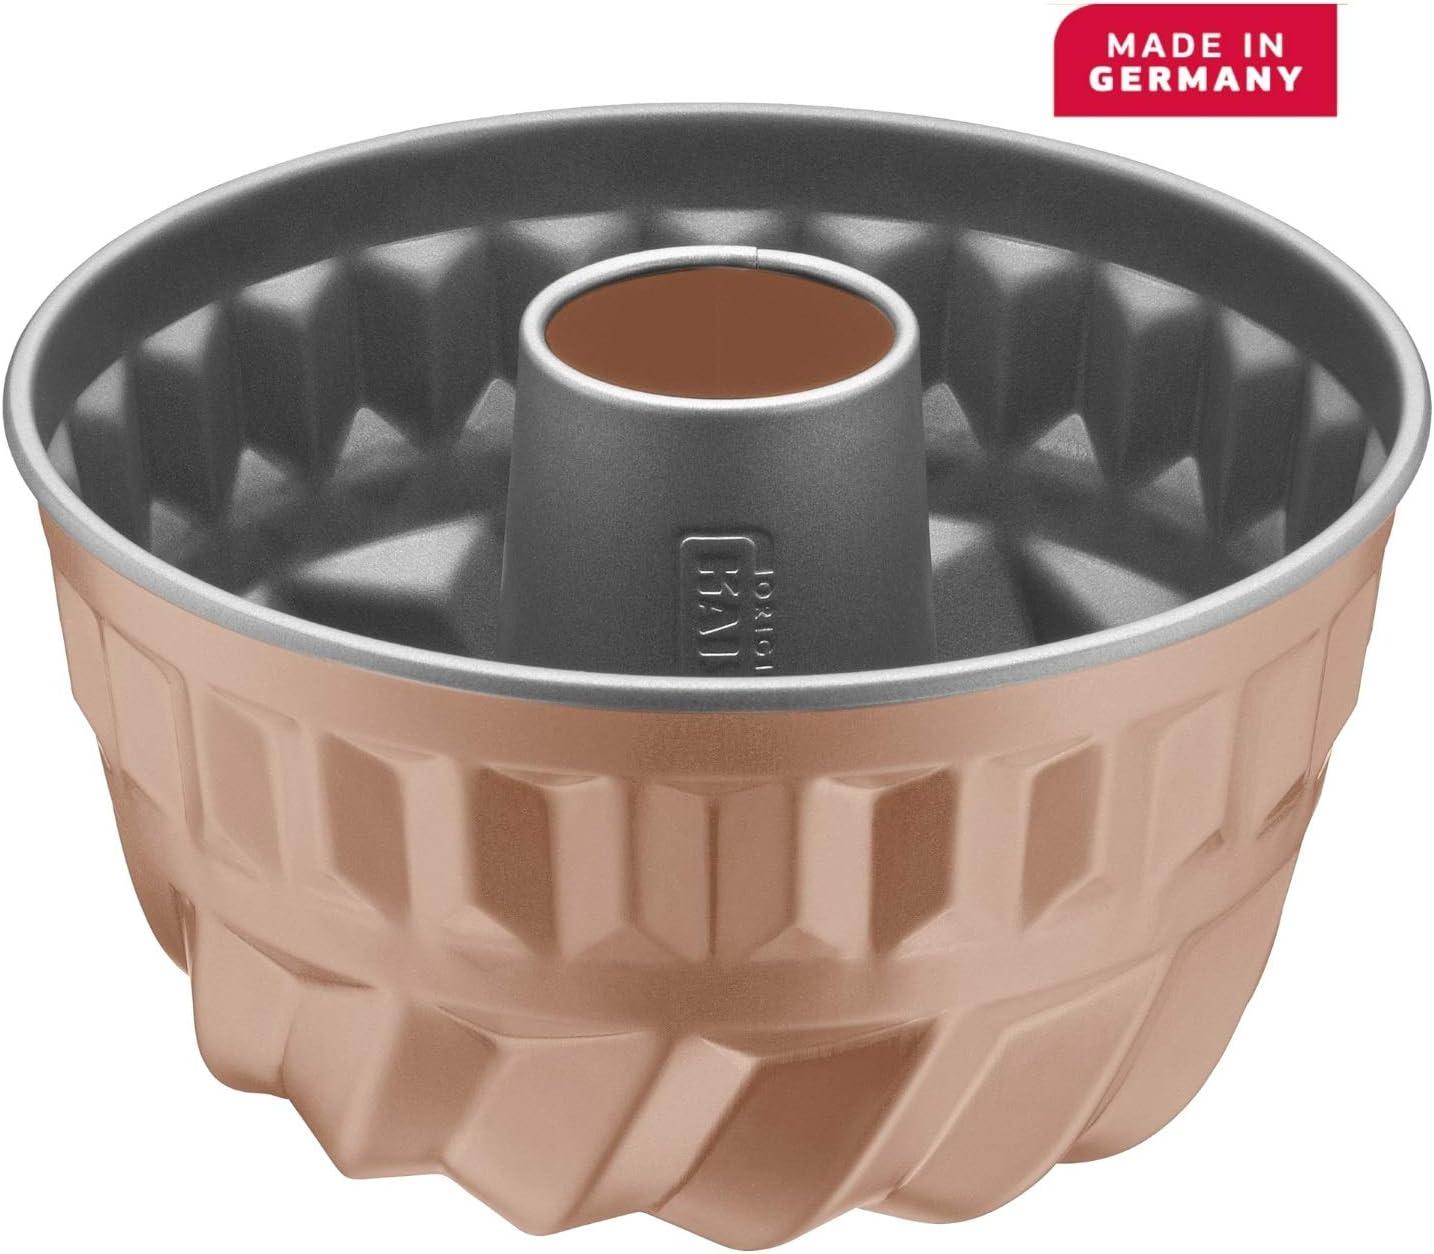 Kaiser 2300665528 Acero inoxidable molde para hornear